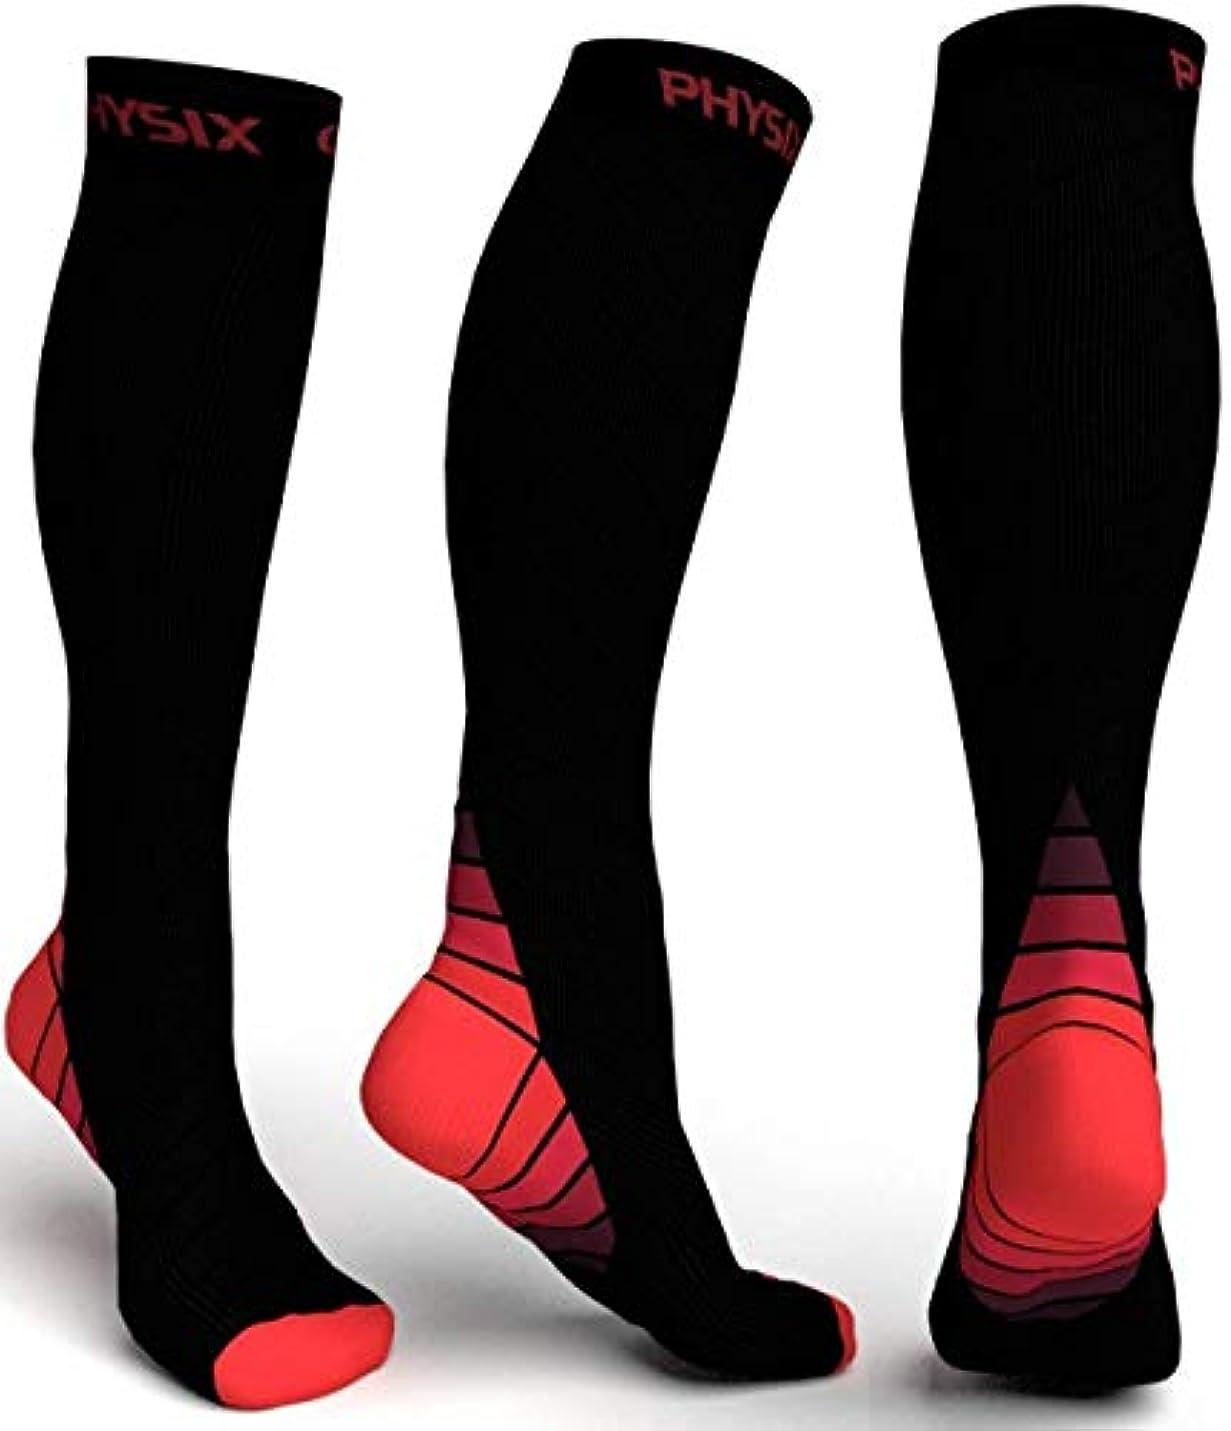 ストレスの多い寝室を掃除する変えるPhysix Gearコンプレッションソックス男性用/女性用(20?30 mmHg)最高の段階的なフィット ランニング、看護、過労性脛部痛、フライトトラベル&マタニティ妊娠 – スタミナ、循環&回復 (BLACK & RED...